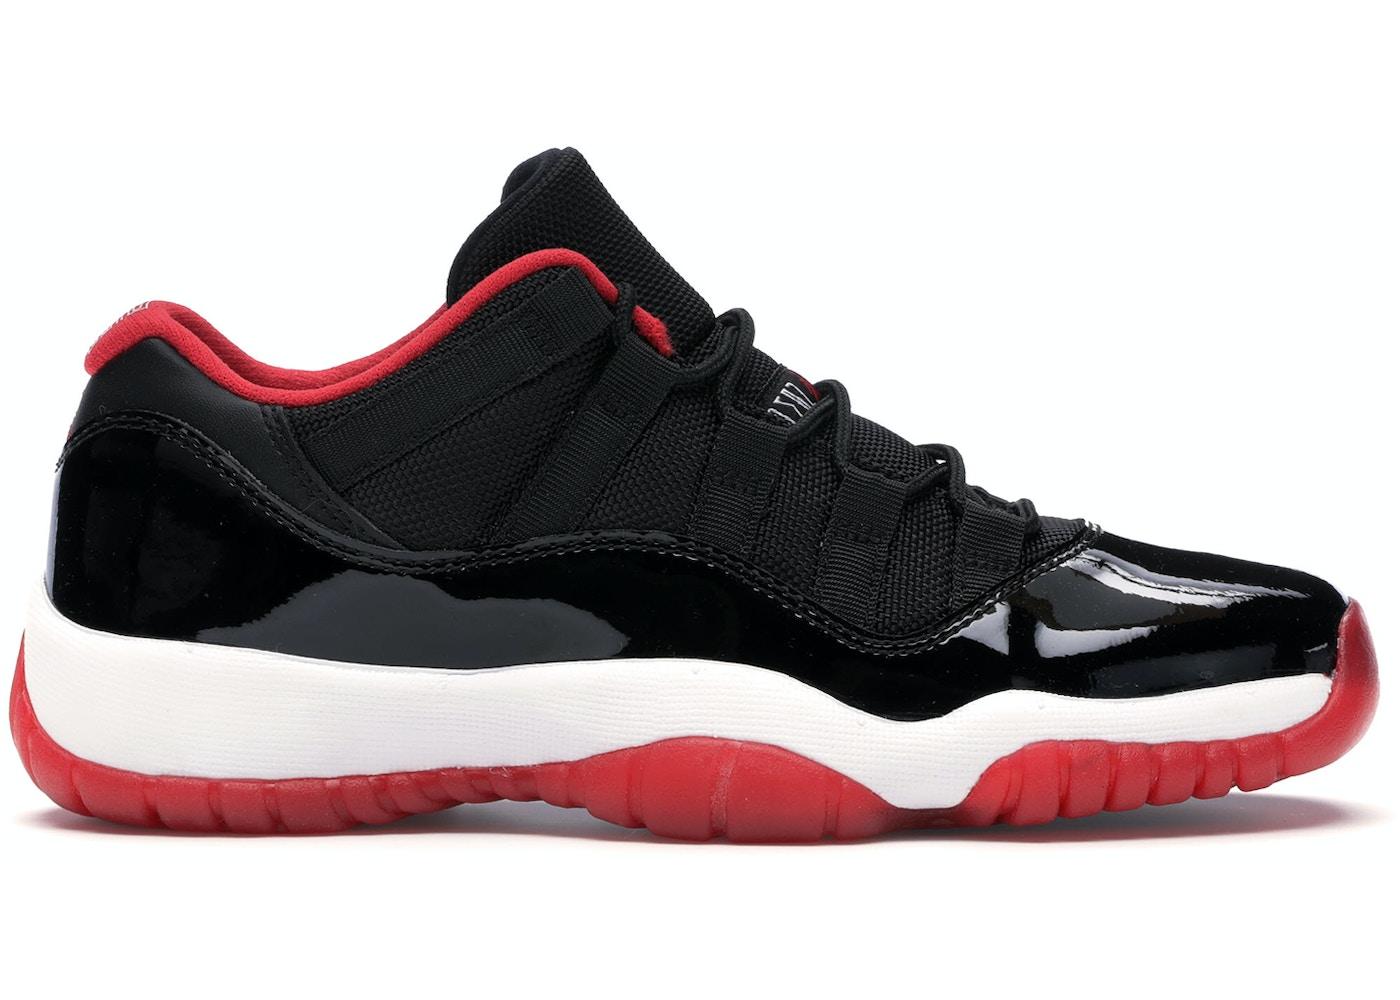 Jordan 11 Retro Low Bred Gs 528896 012